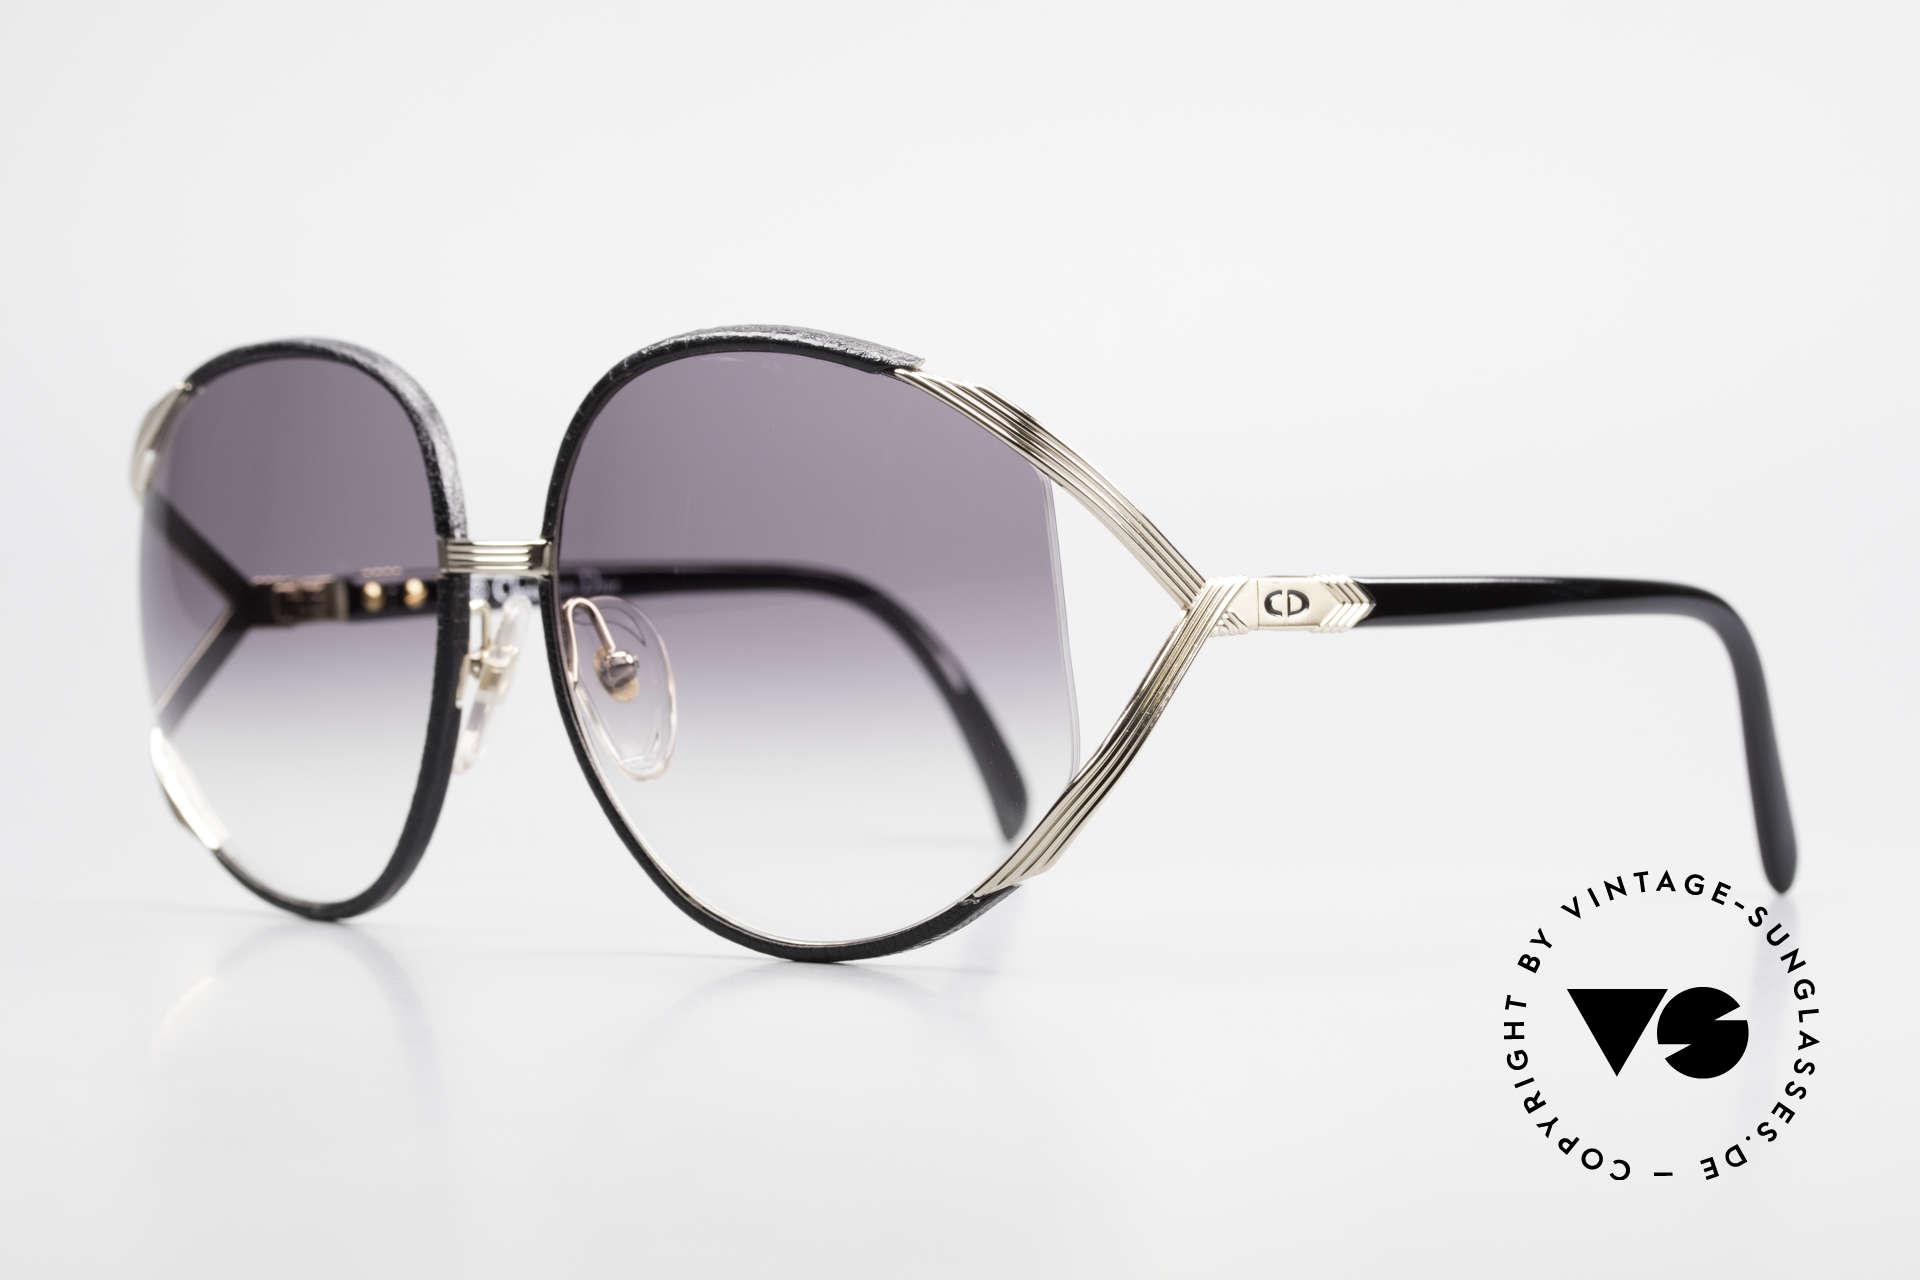 Christian Dior 2250 Rihanna Sonnenbrille Leder, kostbares 80er Modell in einzigartiger LEDER EDITION, Passend für Damen